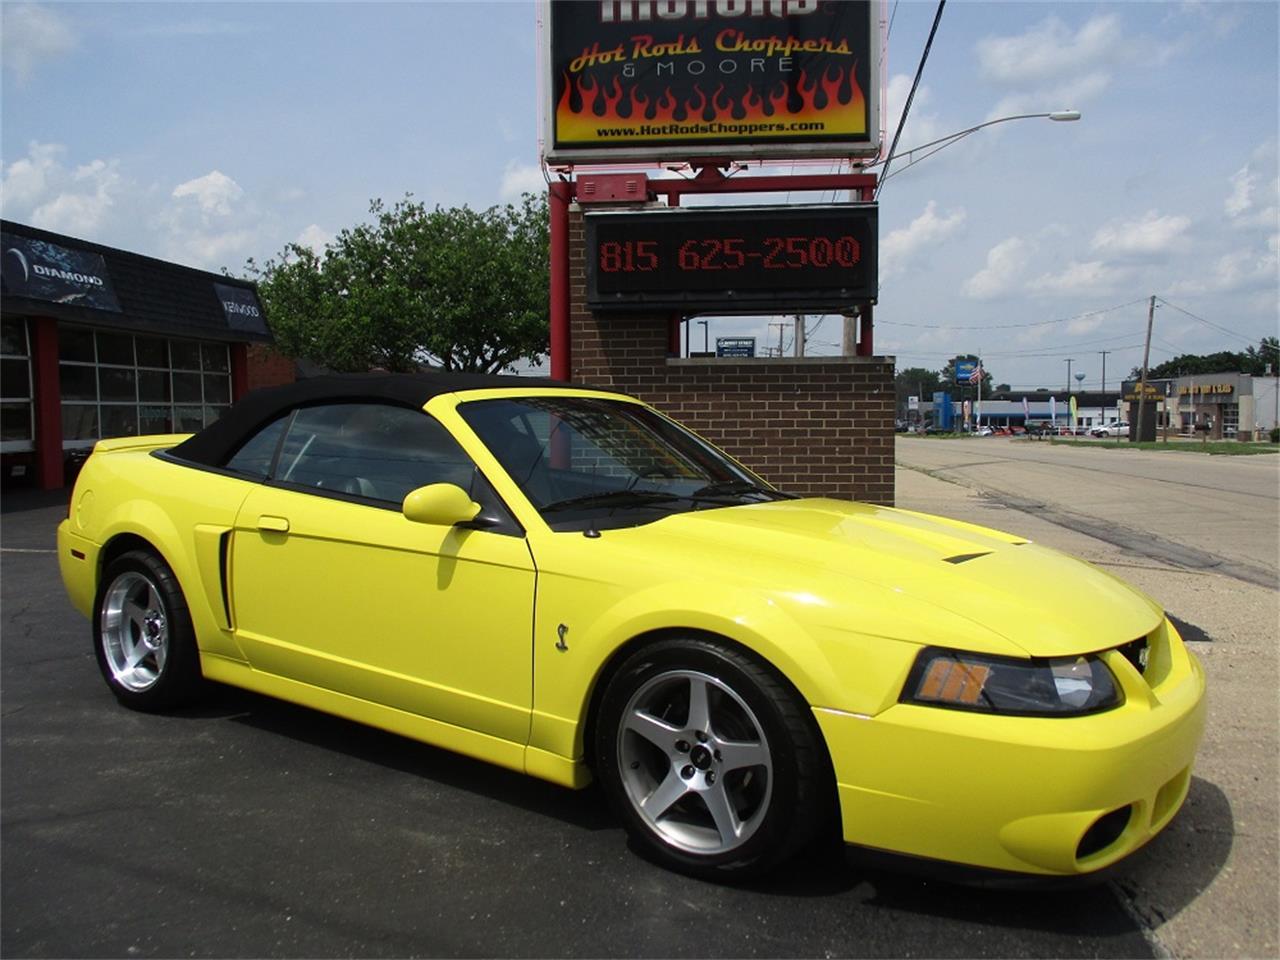 2003 Mustang Cobra Terminator Quarter Mile